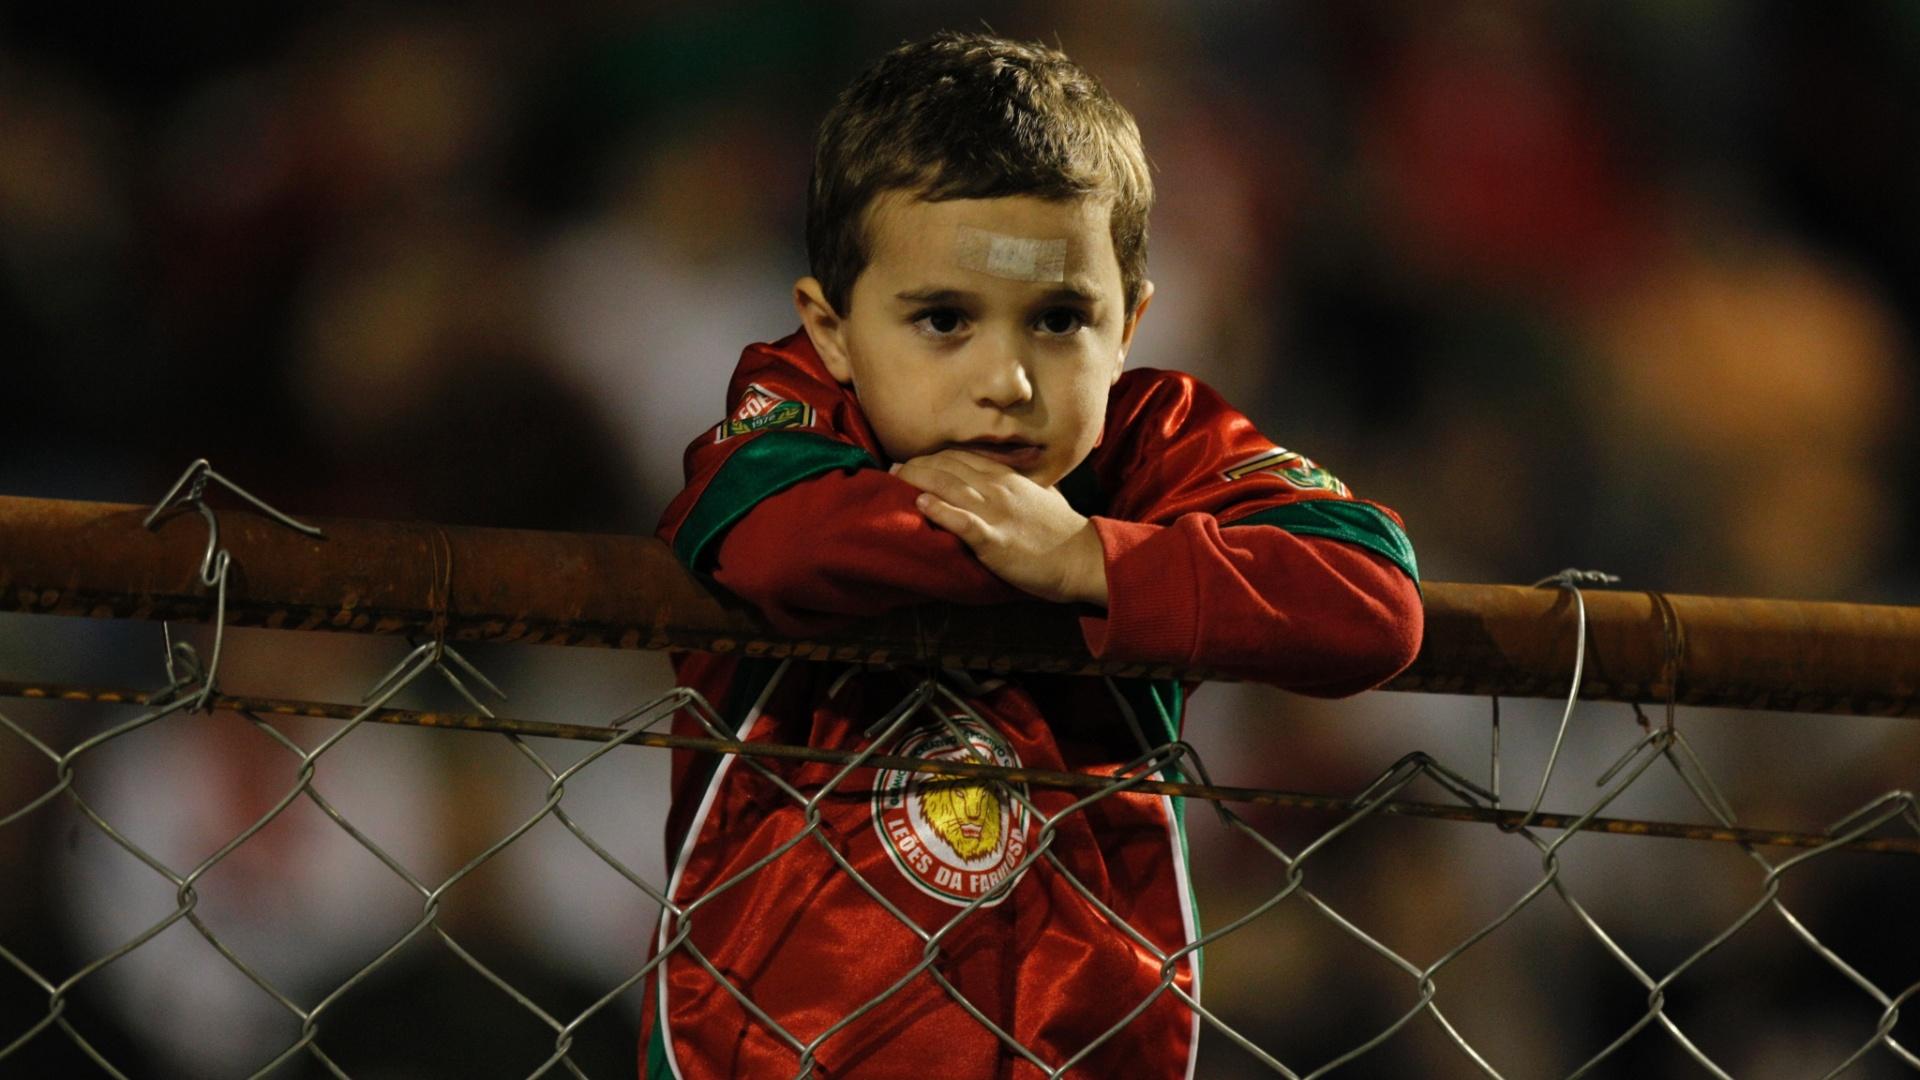 Torcedor mirim se debruça sobre alambrado do Canindé para assistir à partida entre Portuguesa e Duque de Caxias